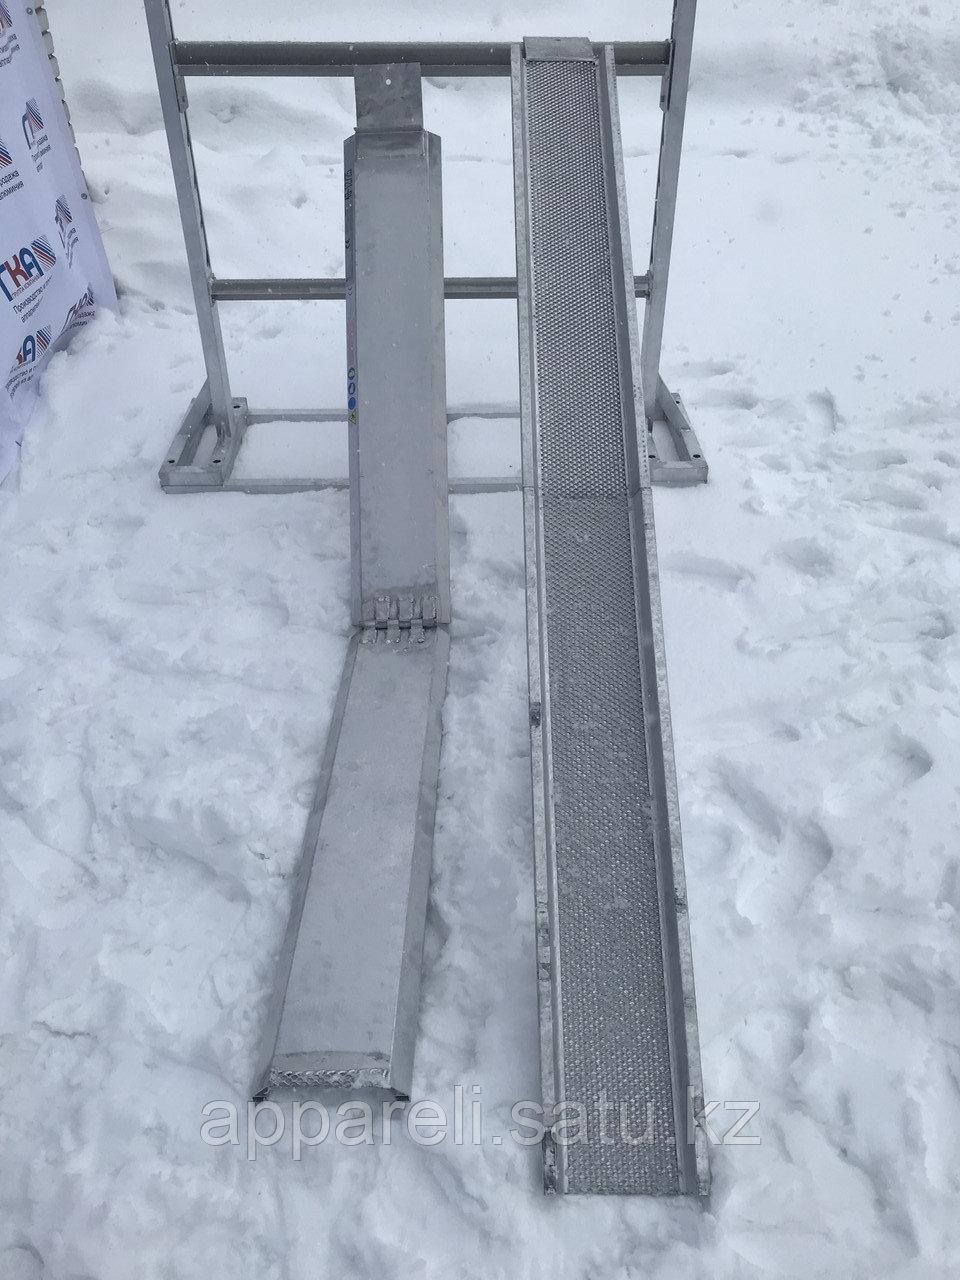 Алюминиевые трапы 400 кг от производителя